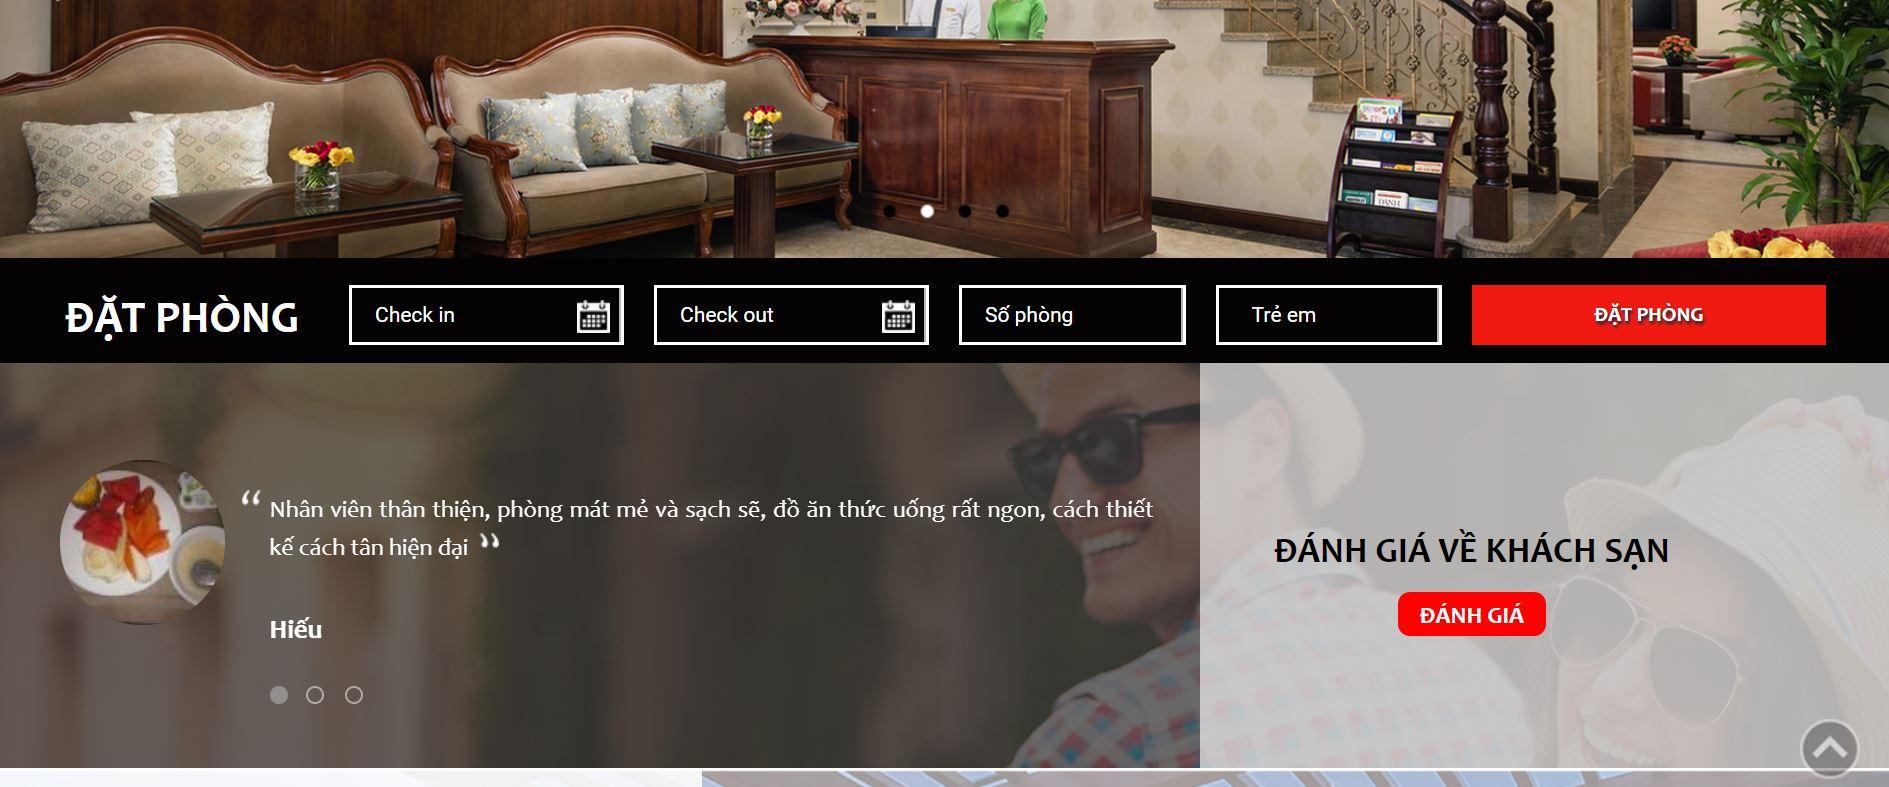 Hệ thống đặt phòng online ezBE được tích hợp trên website khách sạn Bình Anh